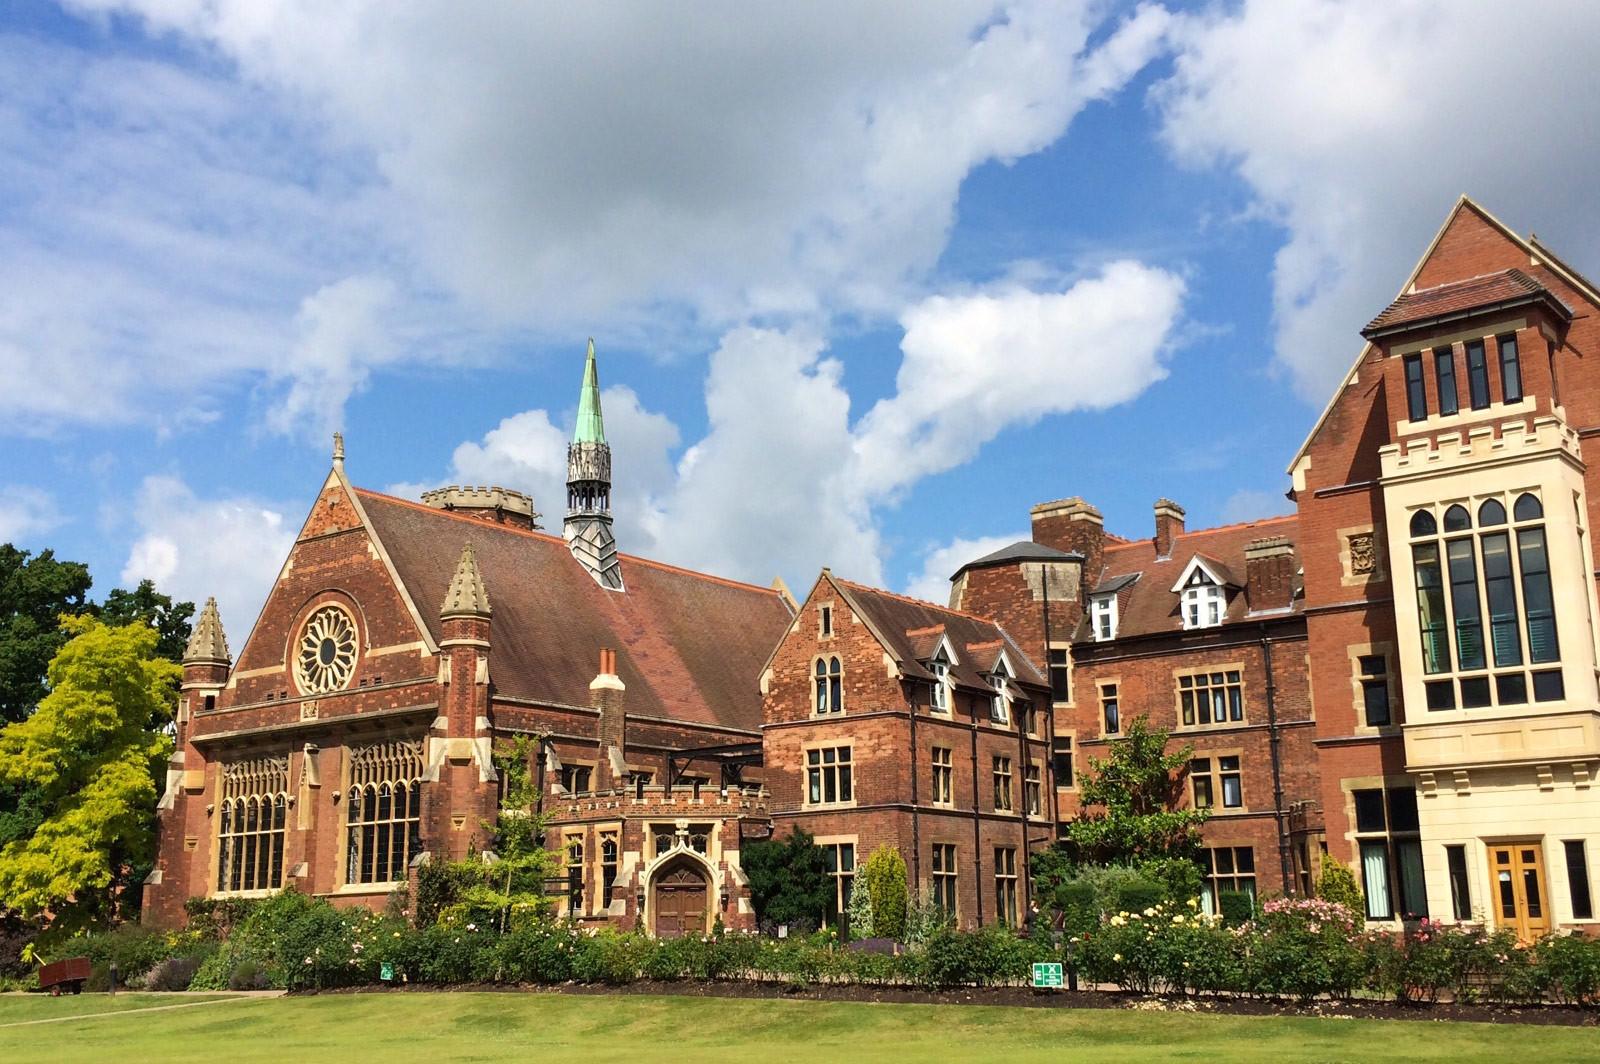 Bell International Cambridge: Английский на уровне Кембриджа